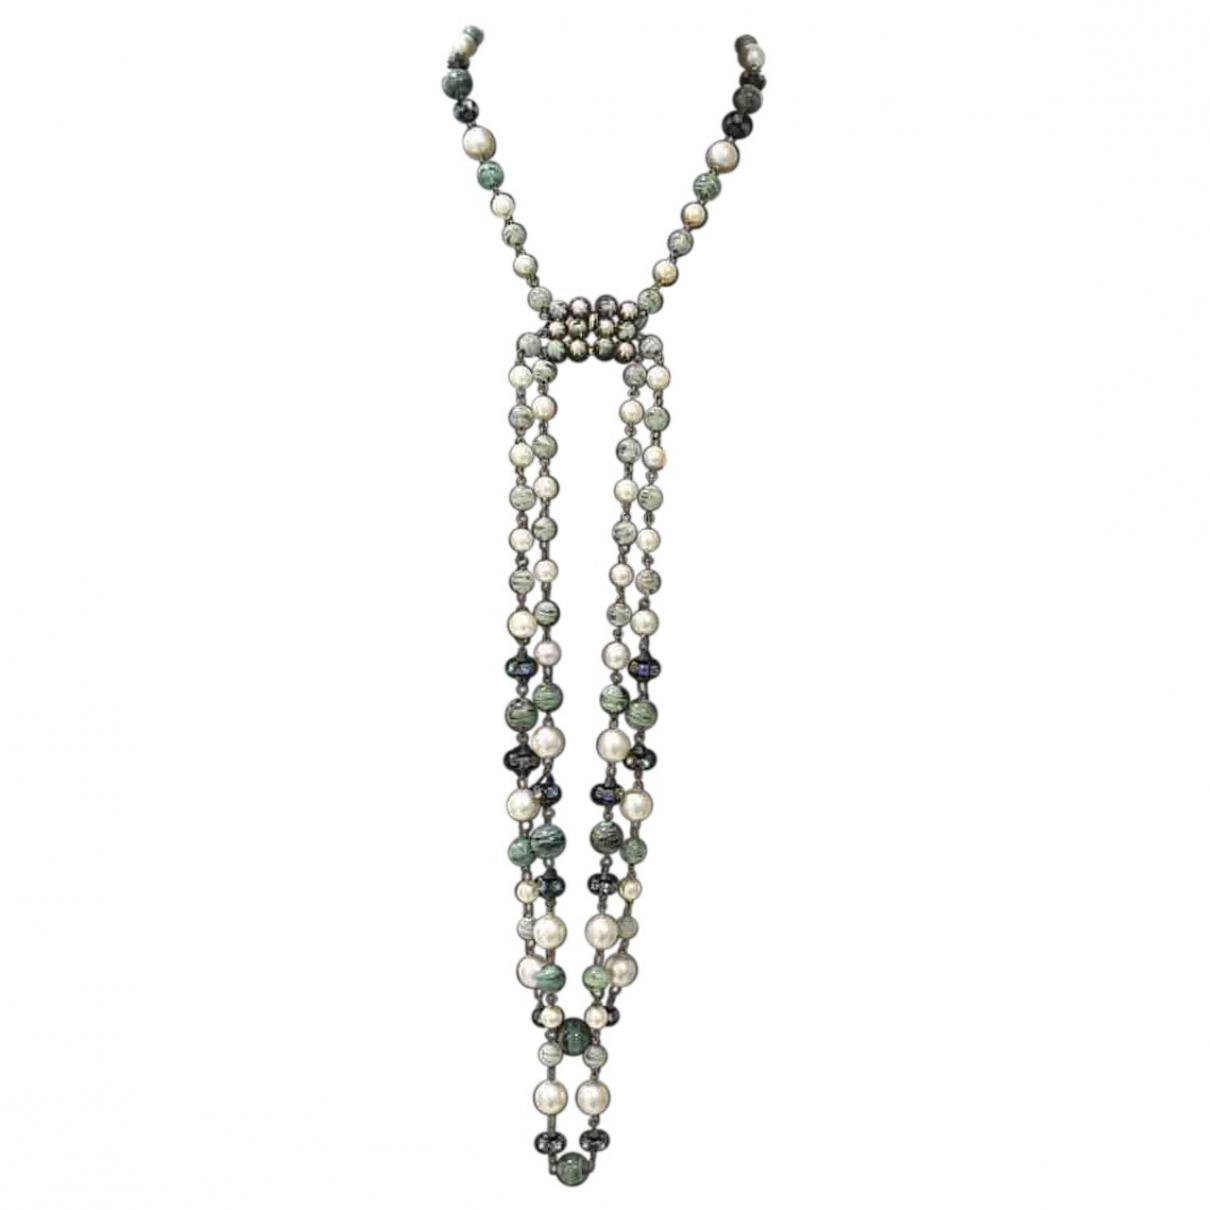 Dior - Collier   pour femme en perles - multicolore